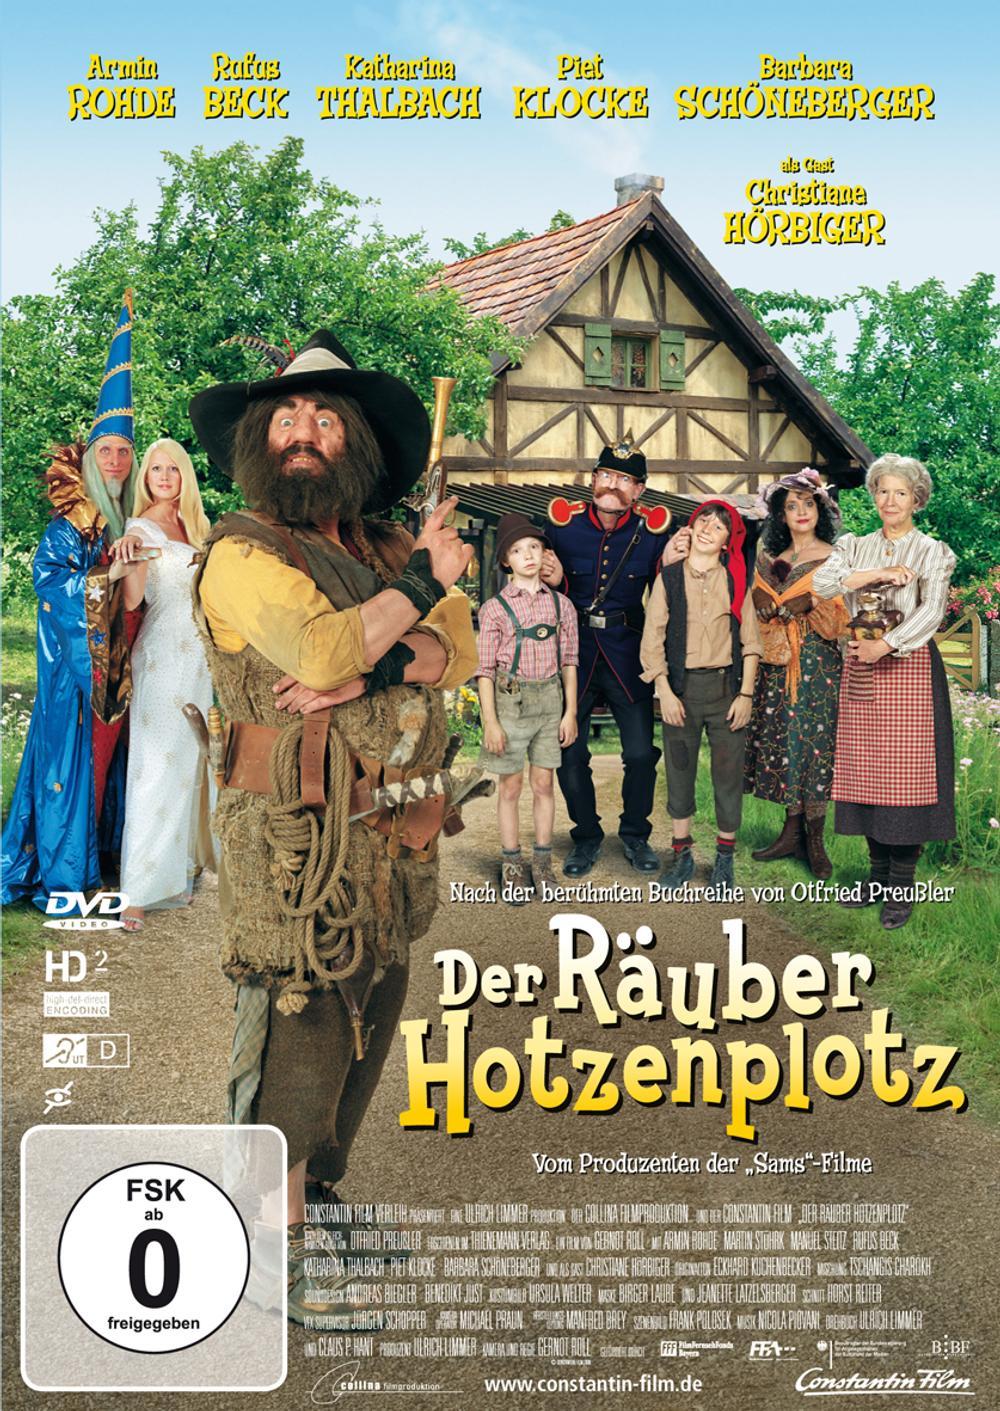 Der Räuber Hotzenplotz 2006 Ganzer Film